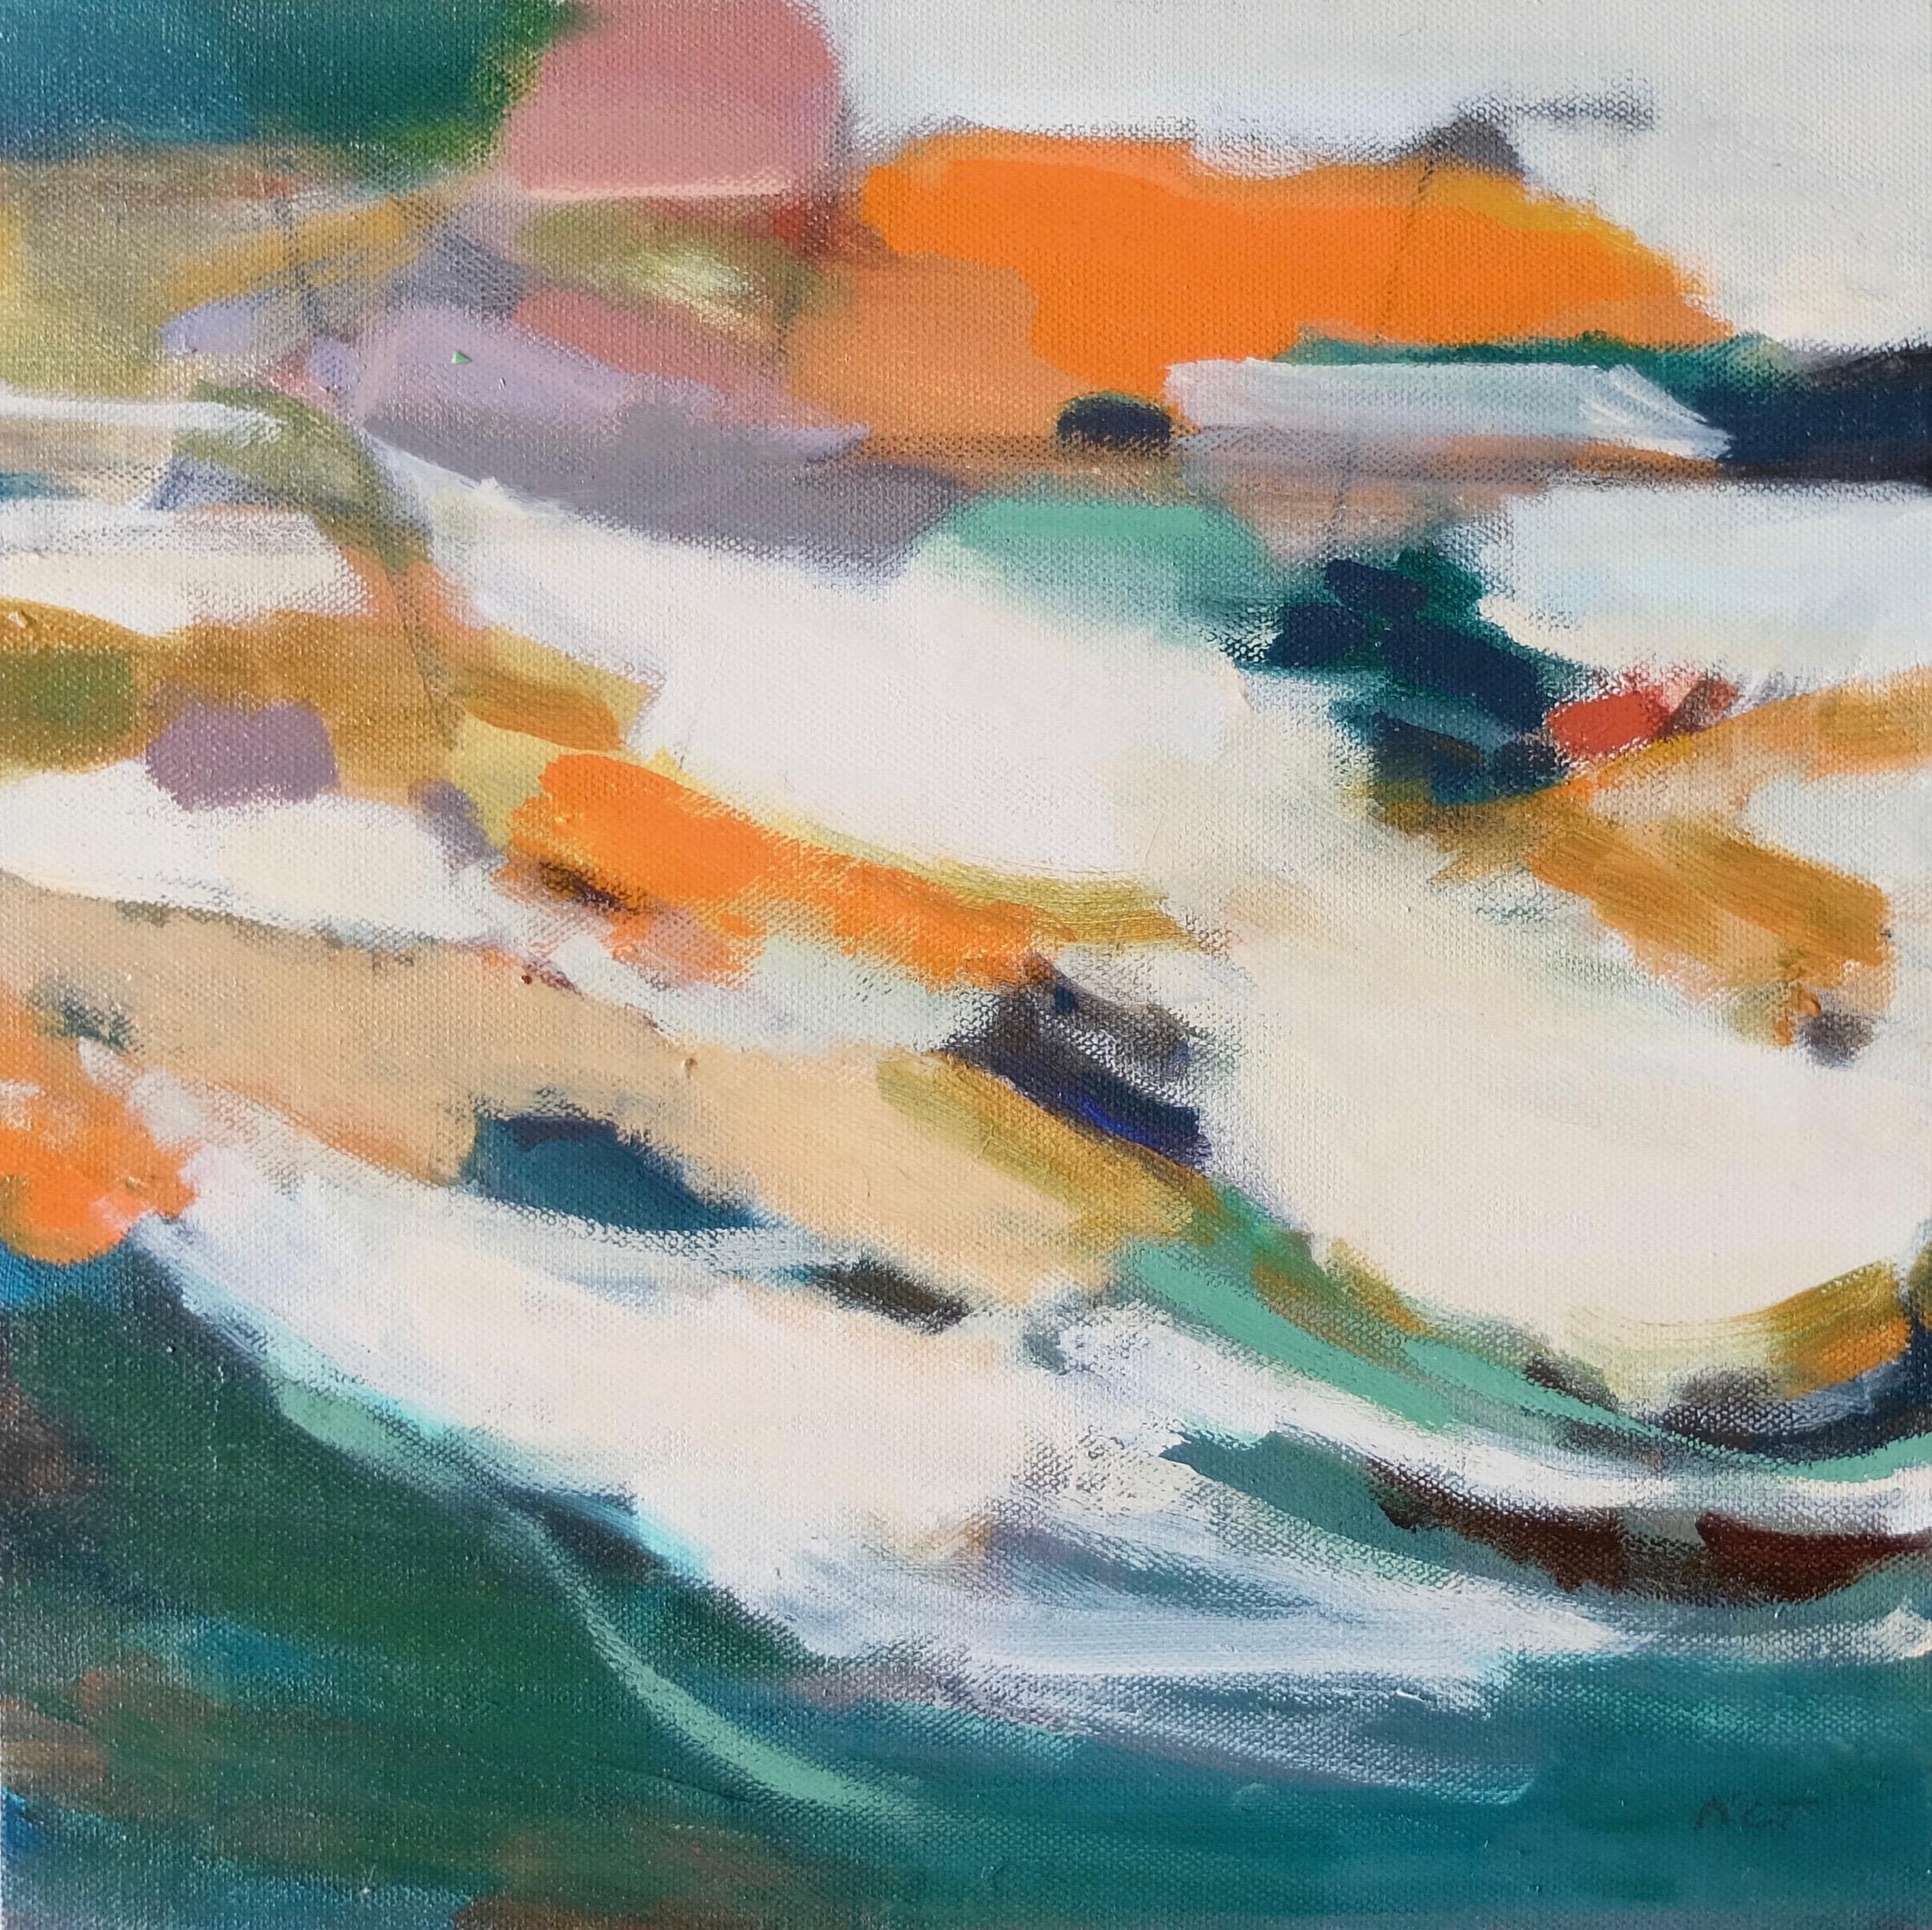 IMPRINTS 4  12 x 12 Framed/Acrylic/Mixed Media on Canvas